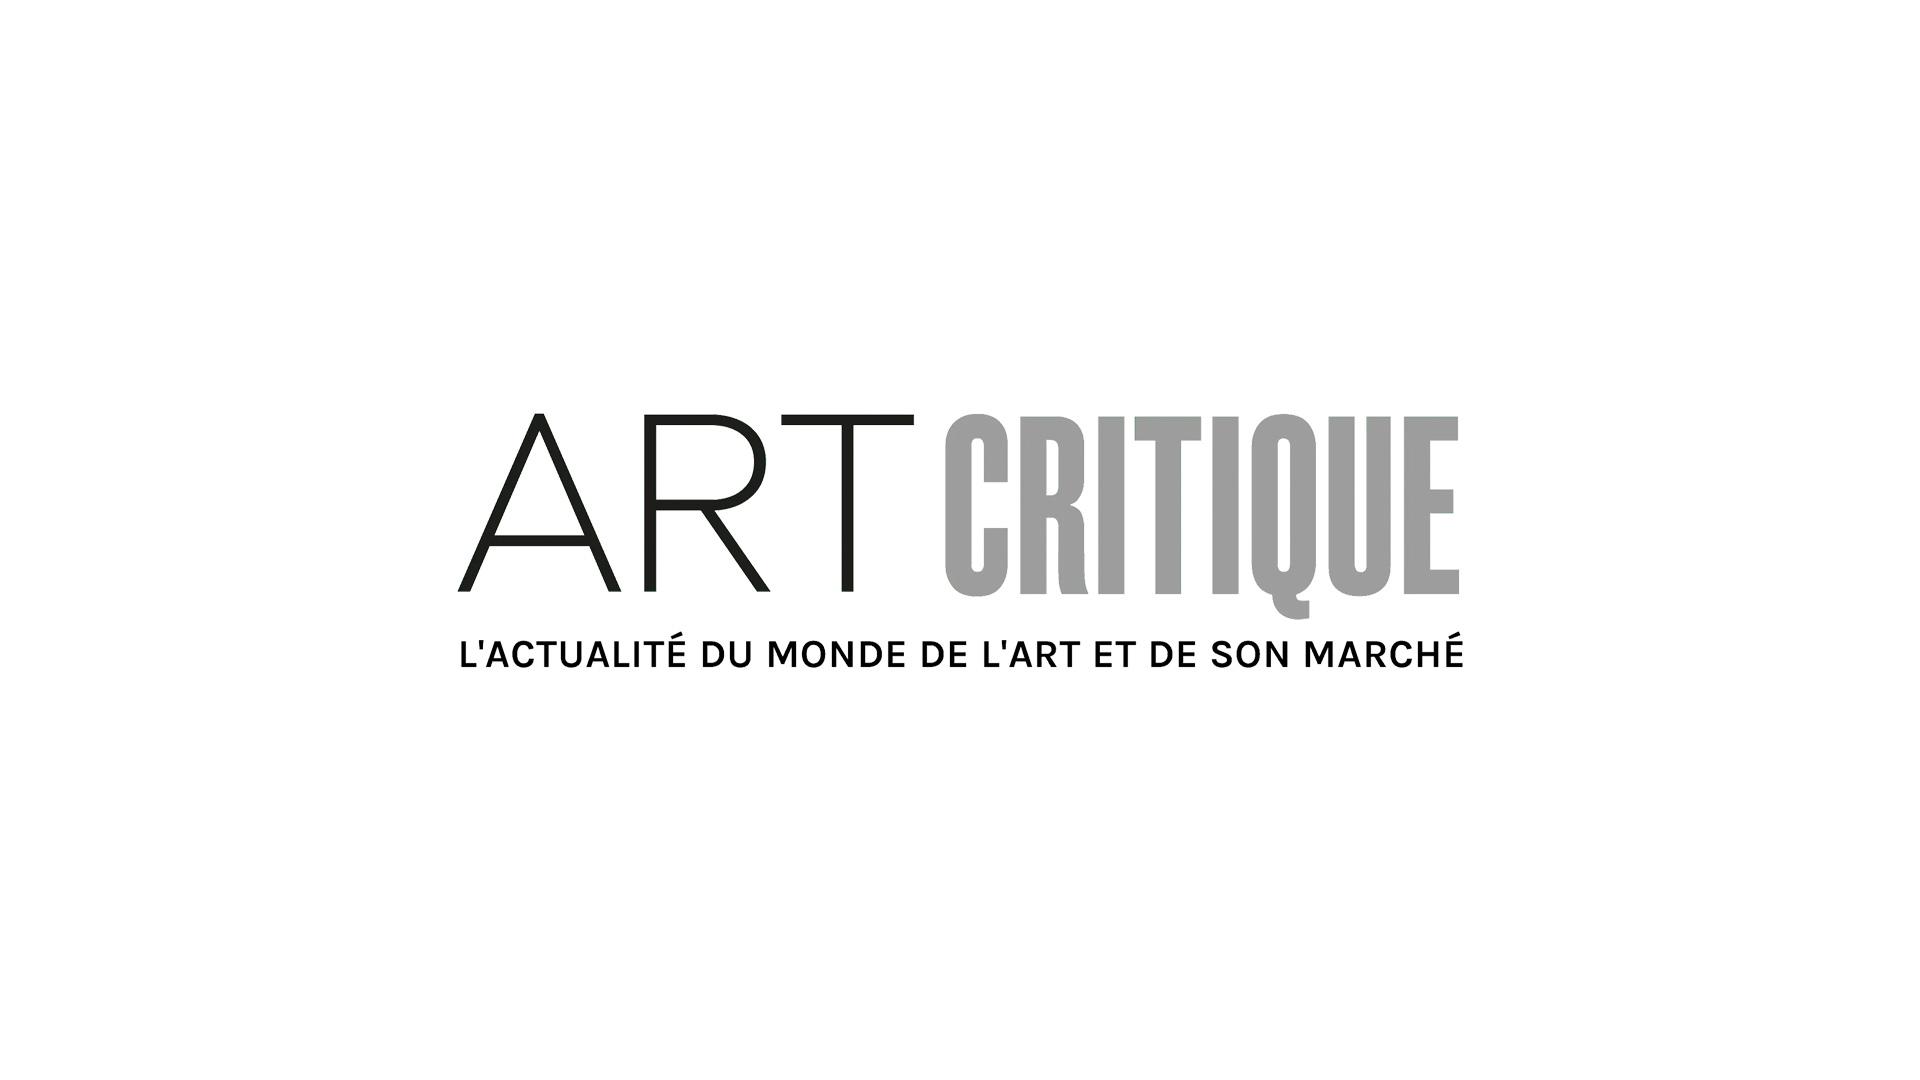 Expressionniste ou minimale? La peinture d'Ad Reinhardt